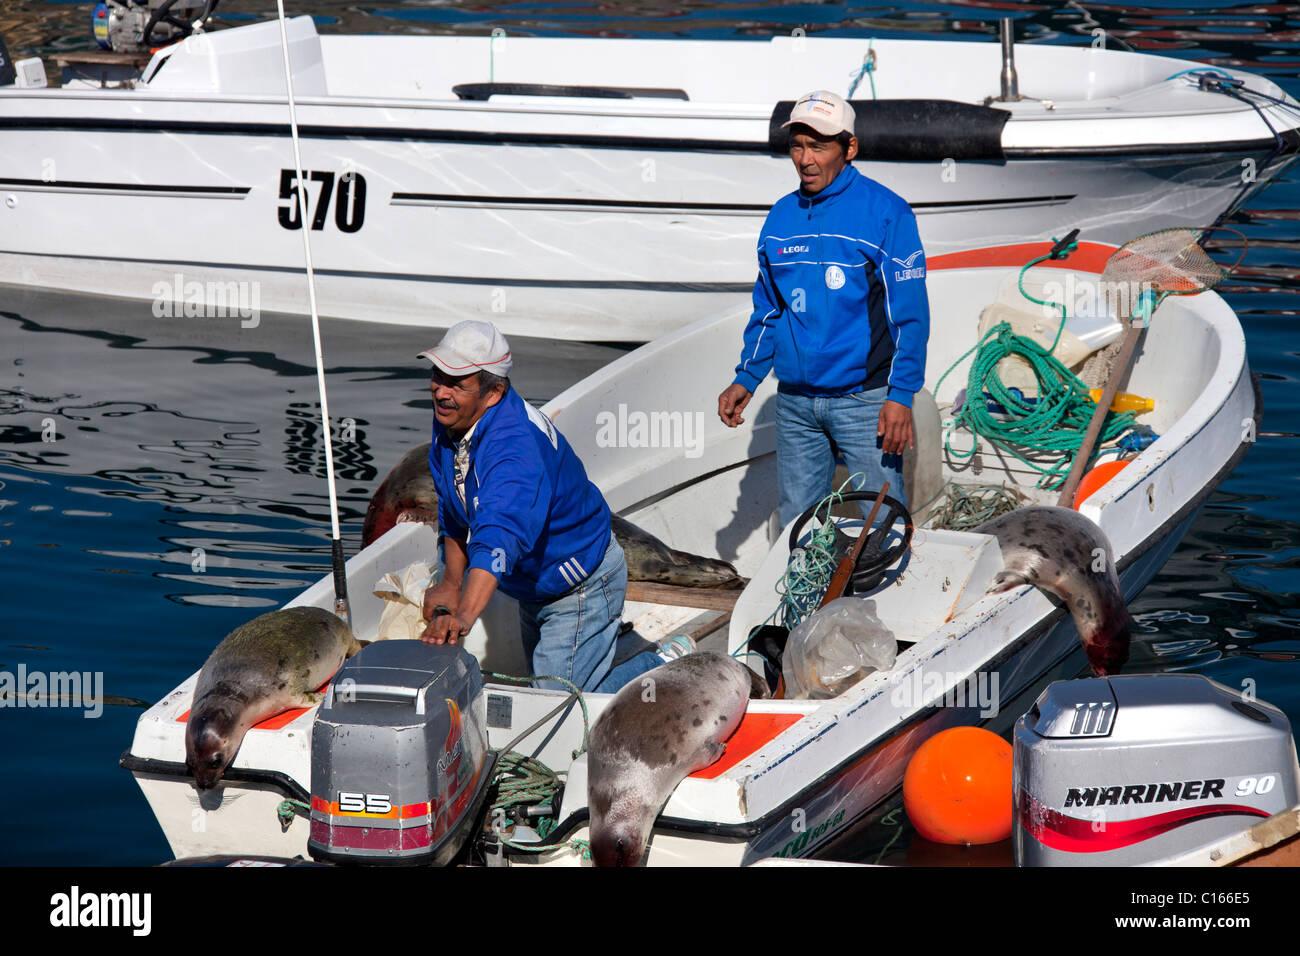 Shot Harp seals (Pagophilus groenlandicus / Phoca groenlandica) in Inuit hunter's motorboat, Uummannaq, Greenland - Stock Image